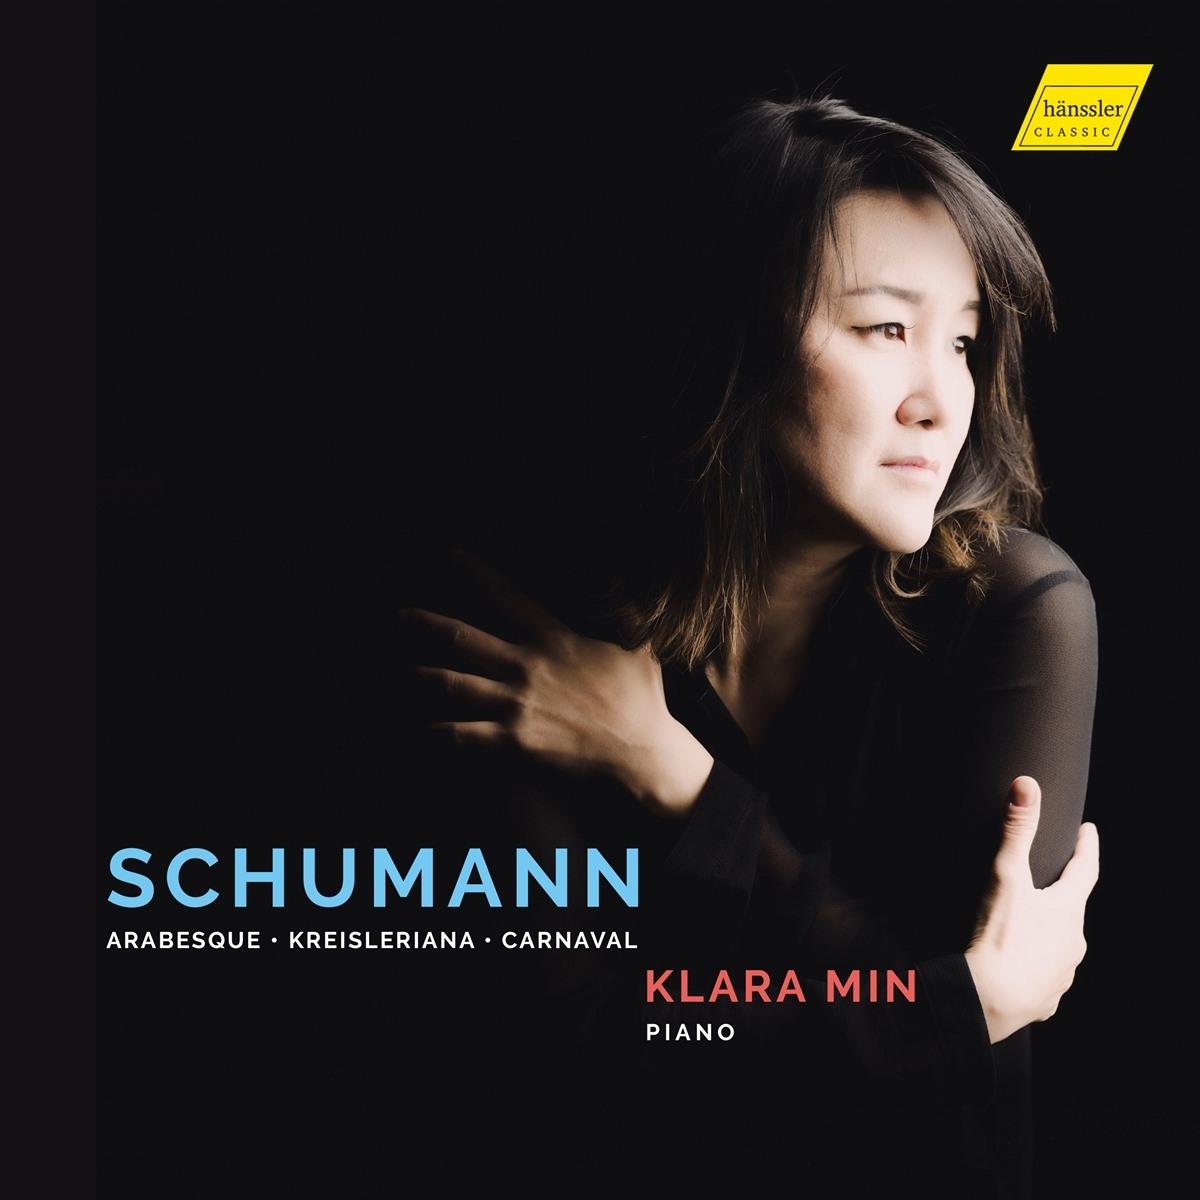 Arabesque-Kreisleriana-Carnaval: Schumann